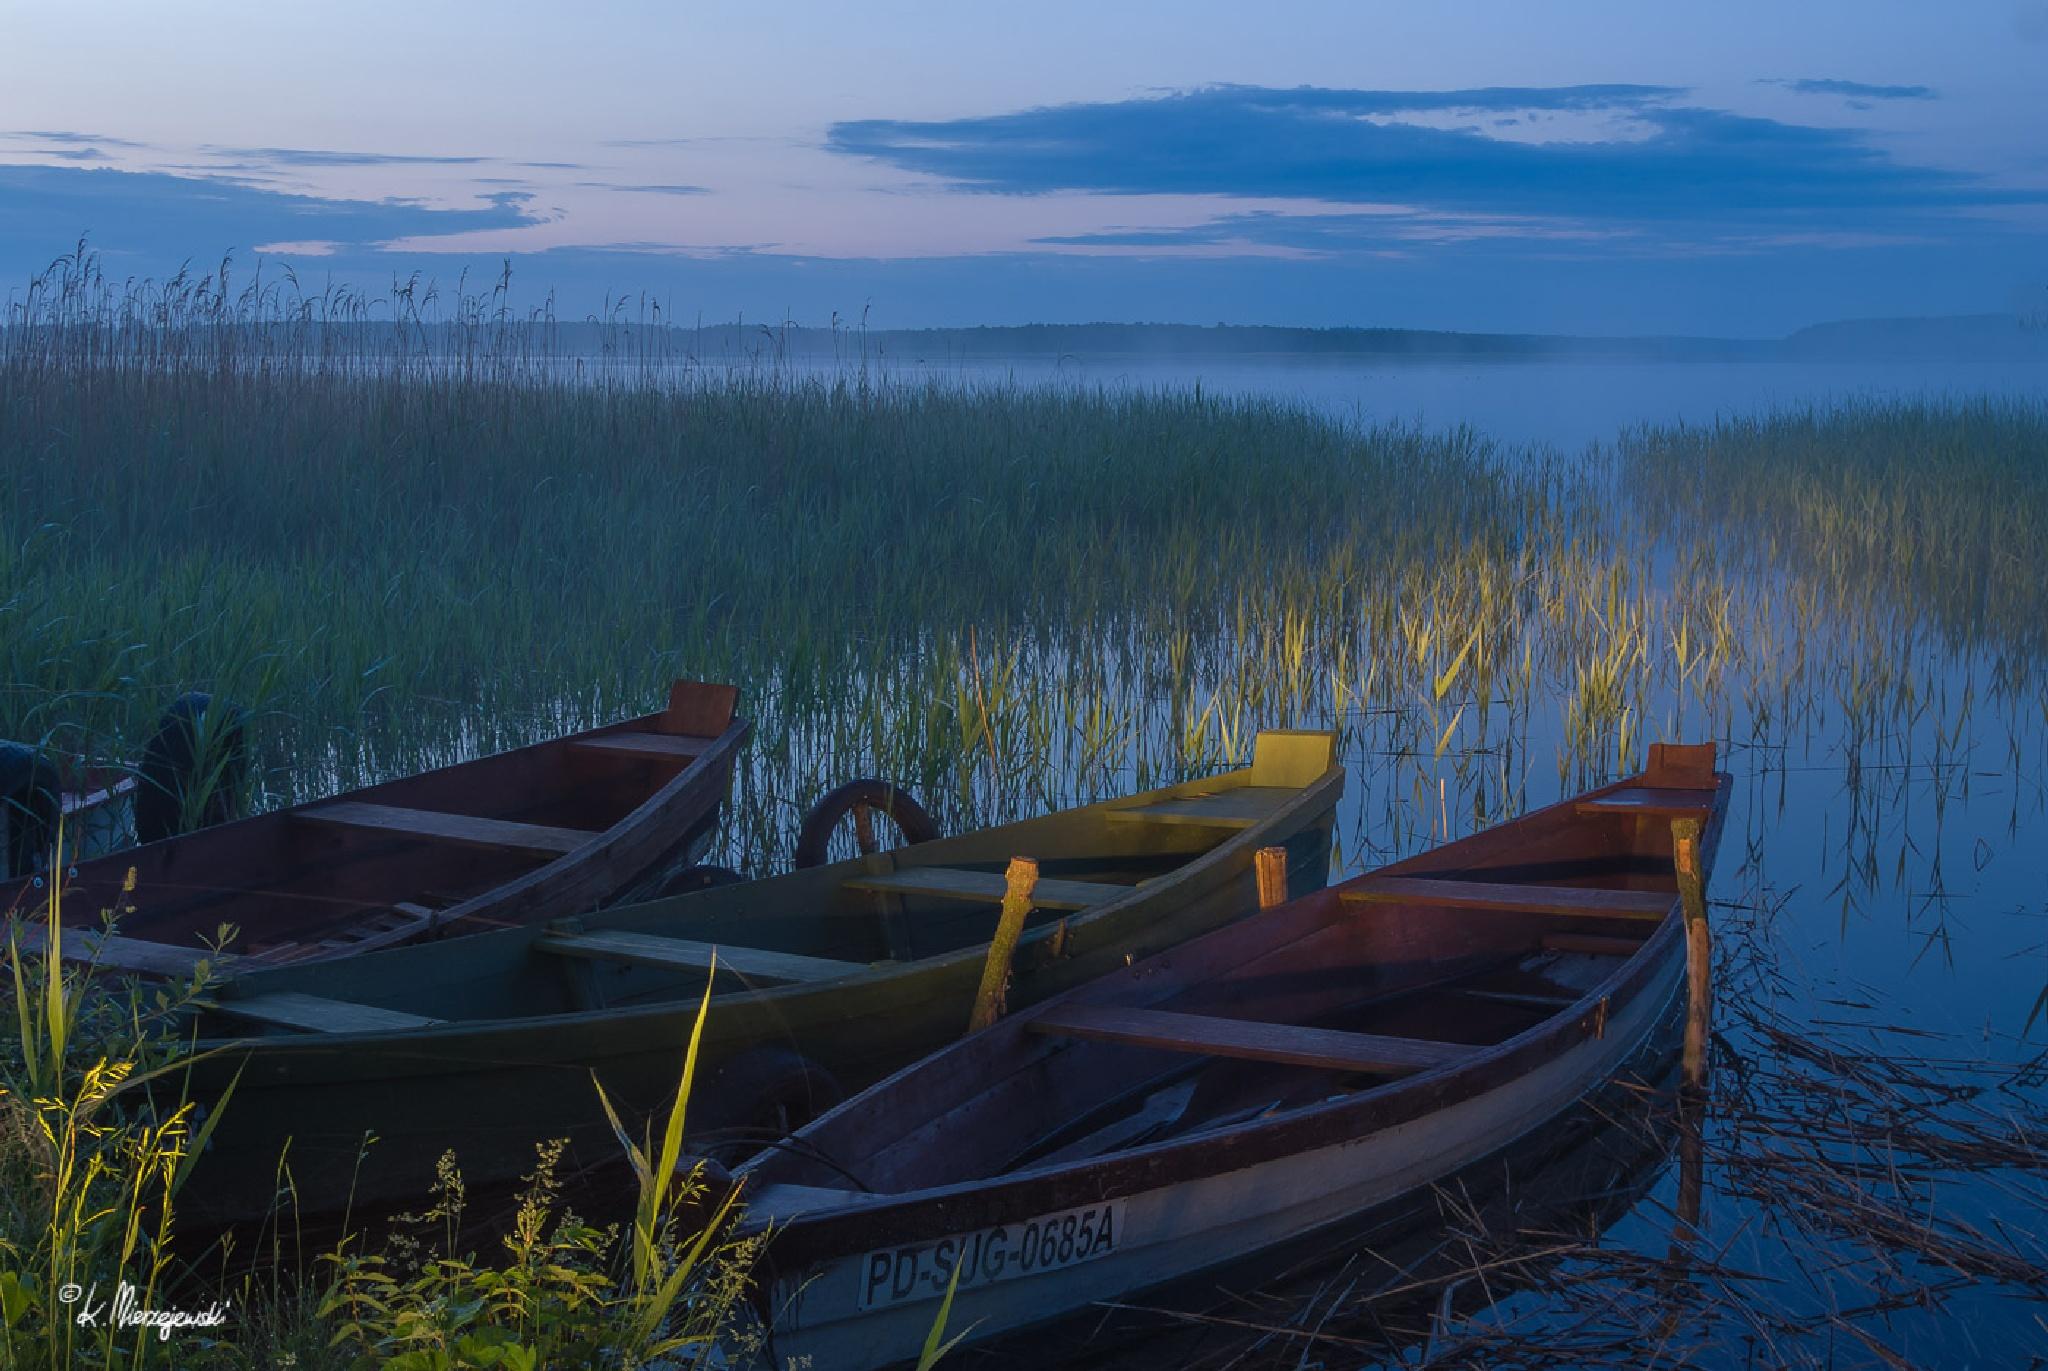 Before sunrise by Krzysztof Mierzejewski